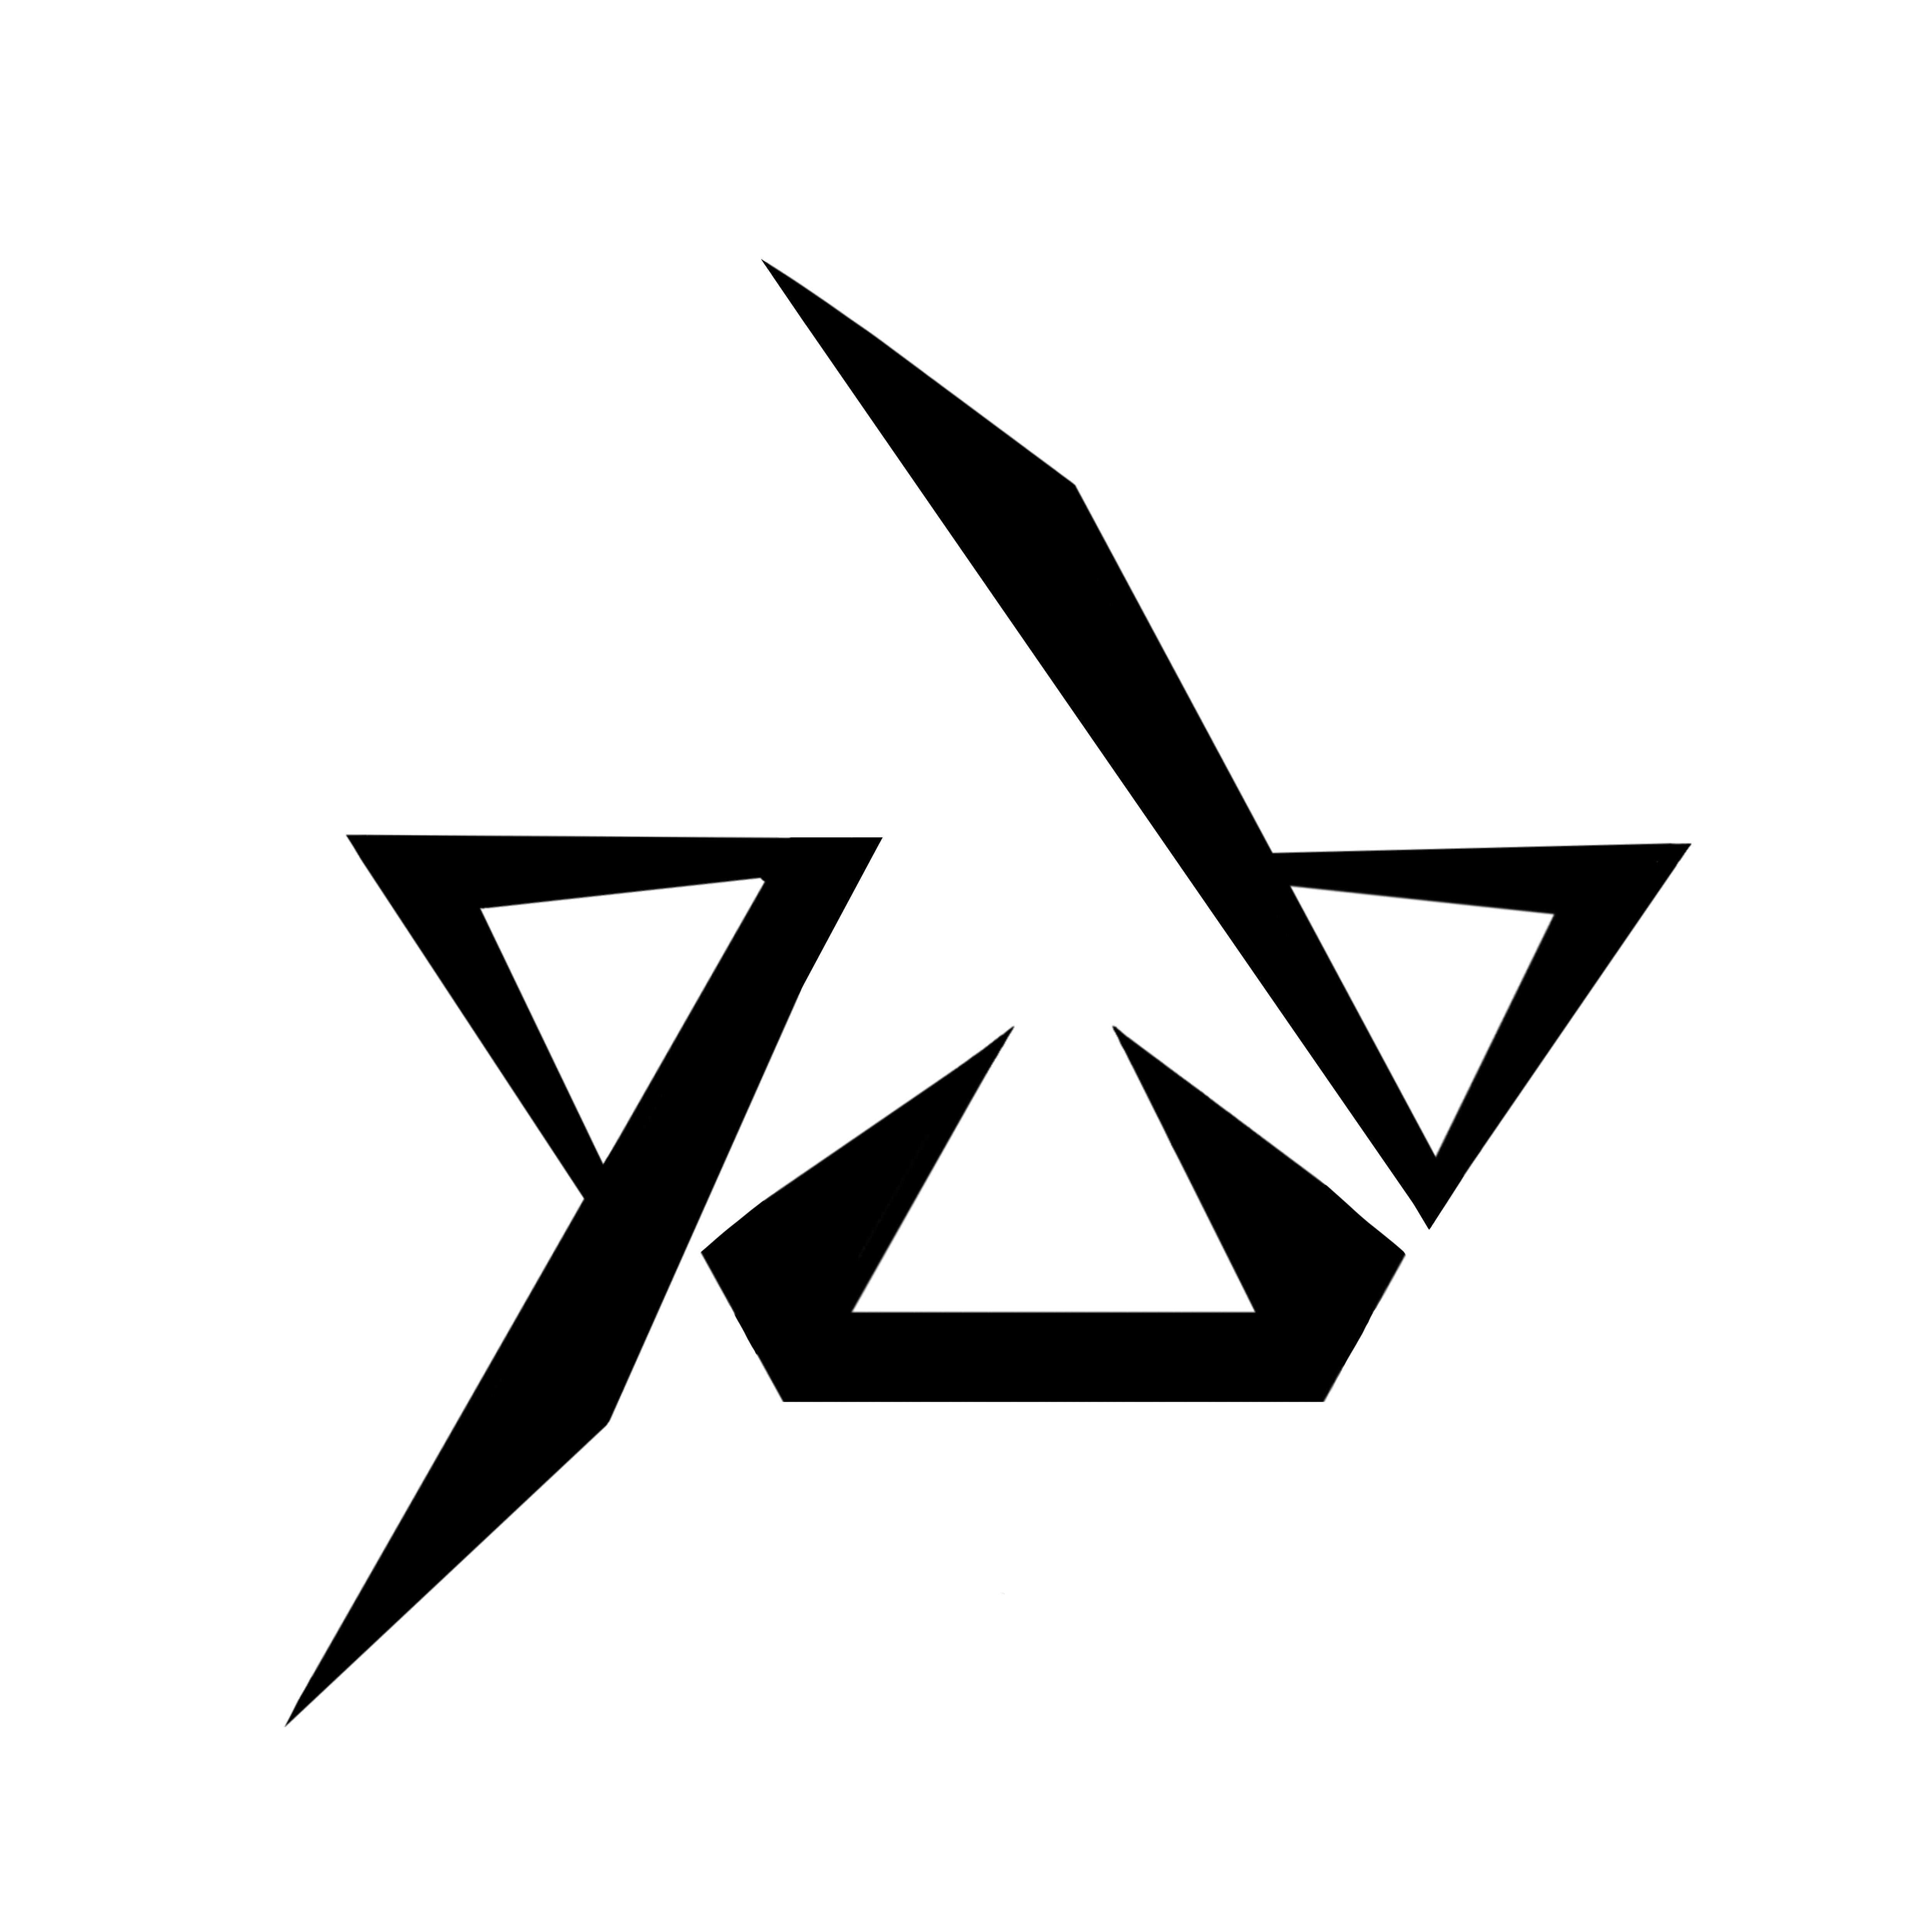 Разработка логотипа и фирменного стиля для ТМ фото f_4945f1d8f4805043.png